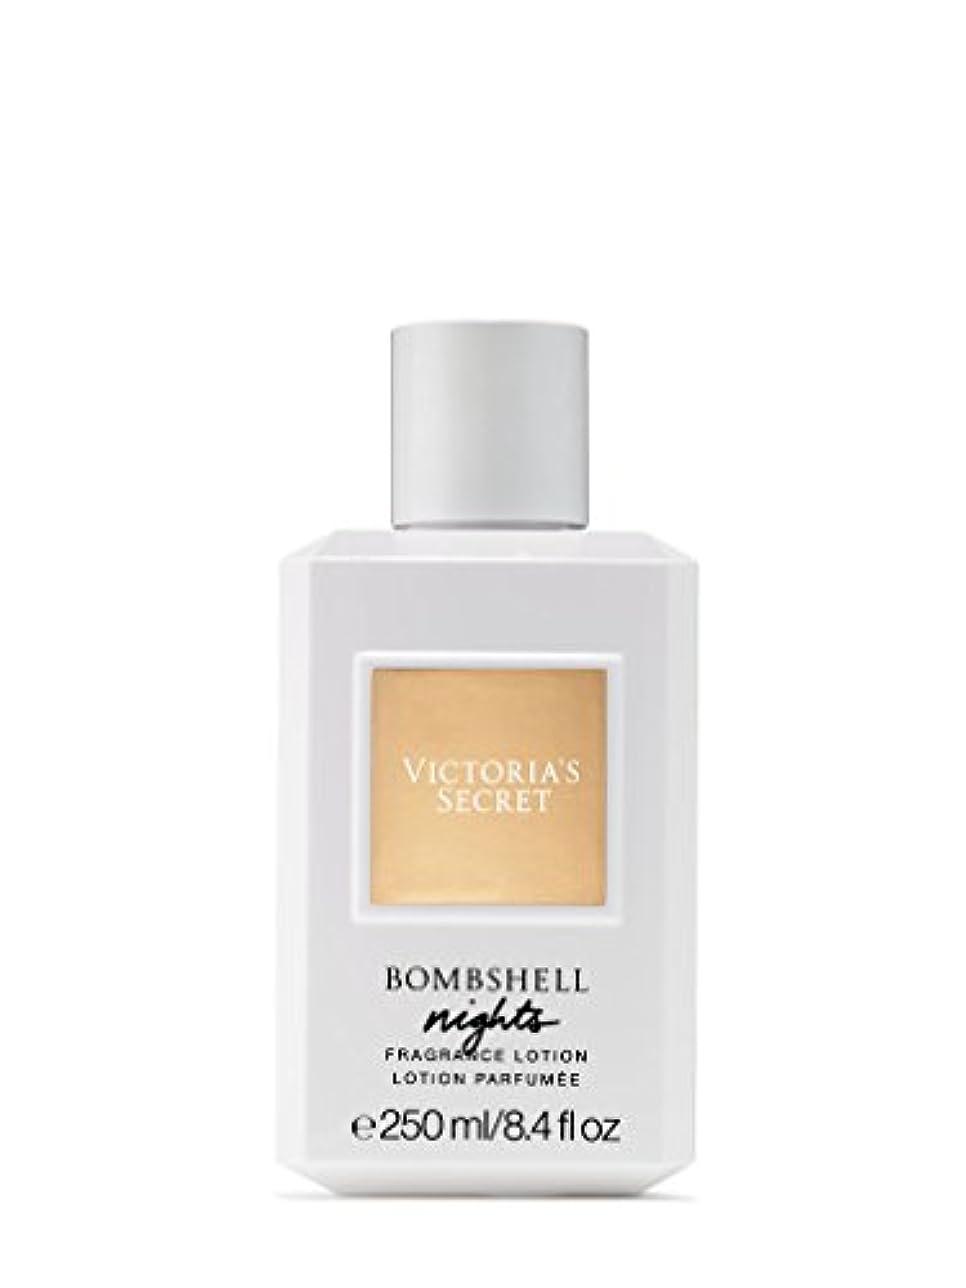 義務付けられた知人ゴムBombshell Nights (ボムシェル ナイツ) 8.4 oz (252ml) Fragrance Body Lotion ボディーローション by Victoria's Secret for Women